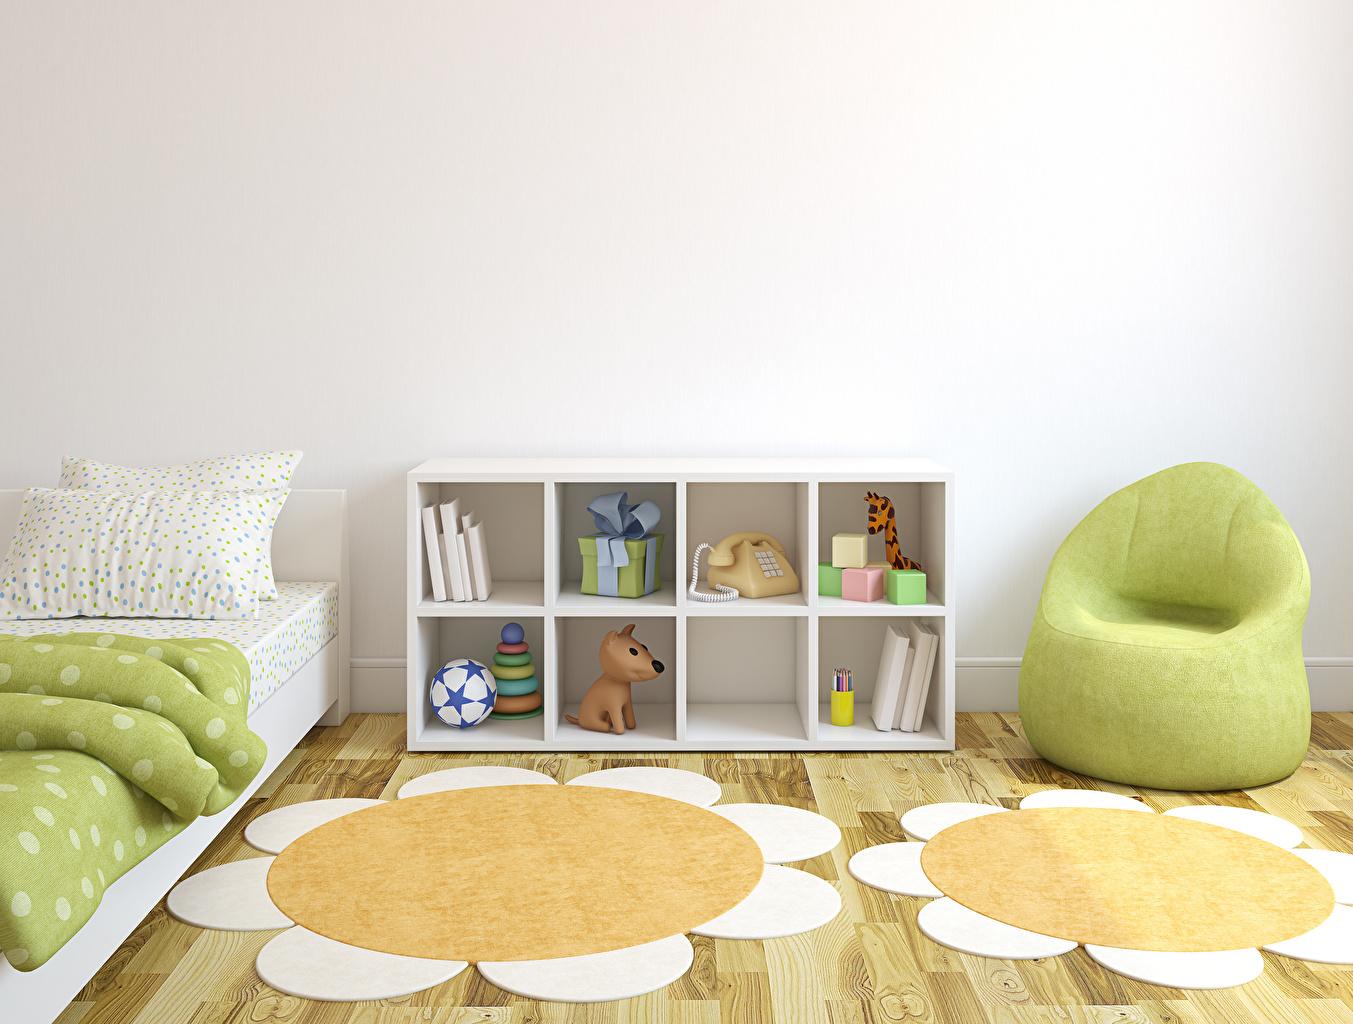 Обои для рабочего стола Детская комната 3д Интерьер Кресло игрушка Дизайн 3D Графика Игрушки дизайна